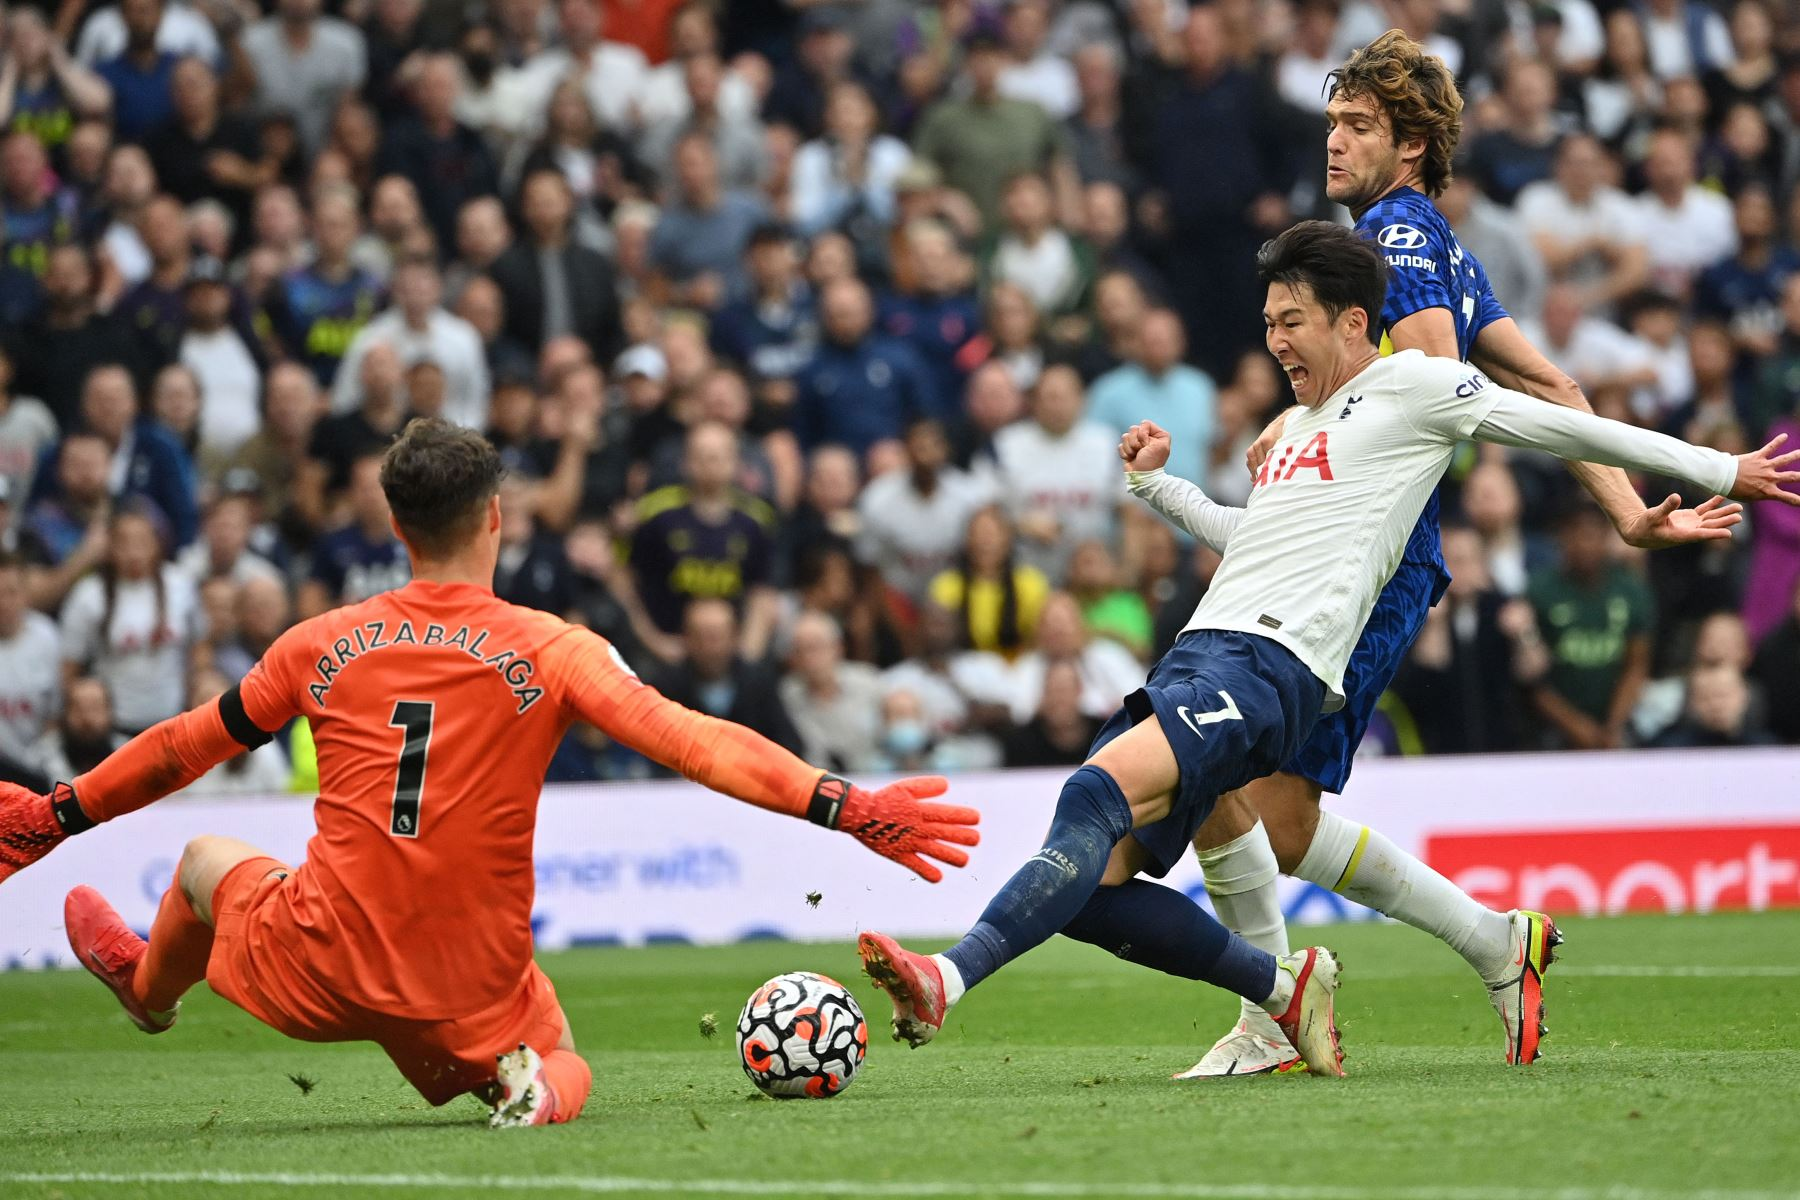 El portero español del Chelsea Kepa Arrizabalaga bloquea un disparo del delantero surcoreano del Tottenham Hotspur Son Heung-Min durante el partido de la Premier League. Foto: AFP